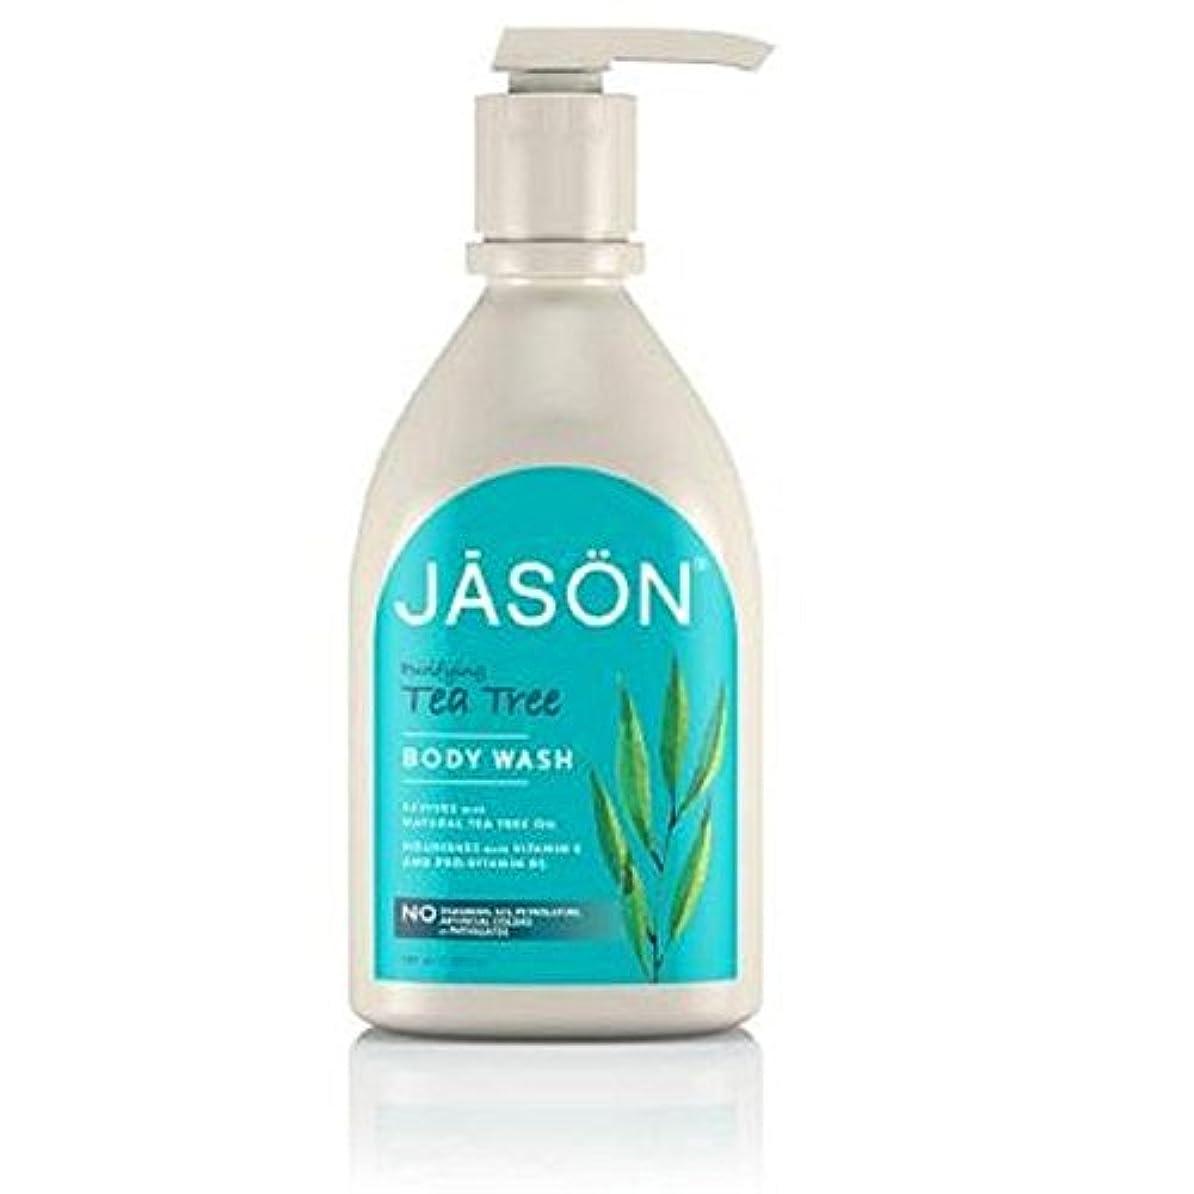 回路塩辛い情熱的Jason Tea Tree Satin Body Wash Pump 900ml - ジェイソン?ティーツリーサテンボディウォッシュポンプ900ミリリットル [並行輸入品]